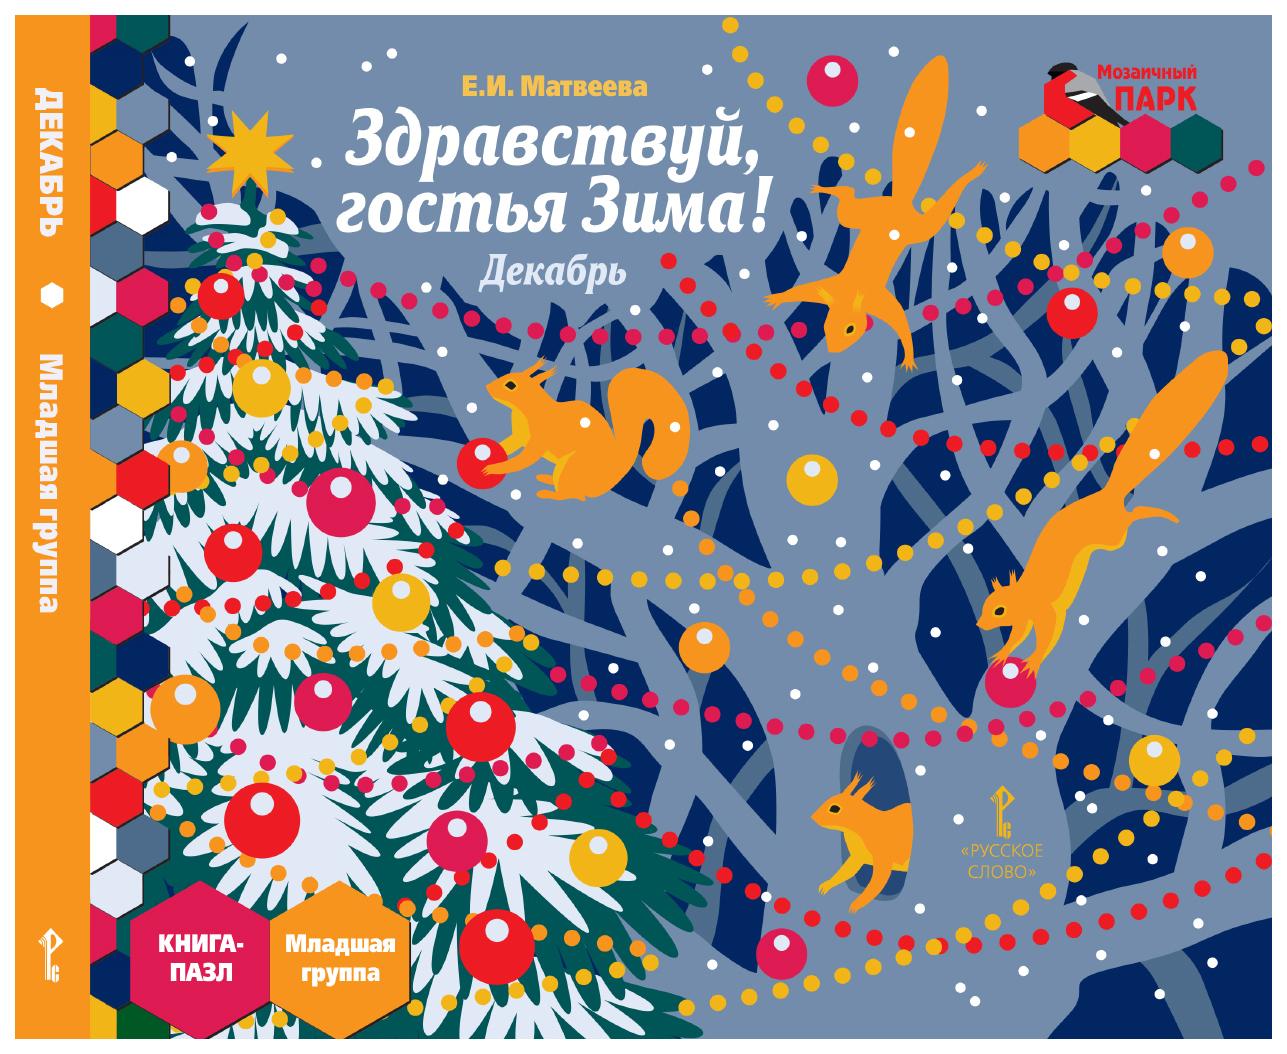 Купить Книга Русское Слово Матвеева Е. и Здравствуй, Гостья Зима! Декабрь Младшая Группа, Русское слово, Обучающие игры для дошкольников